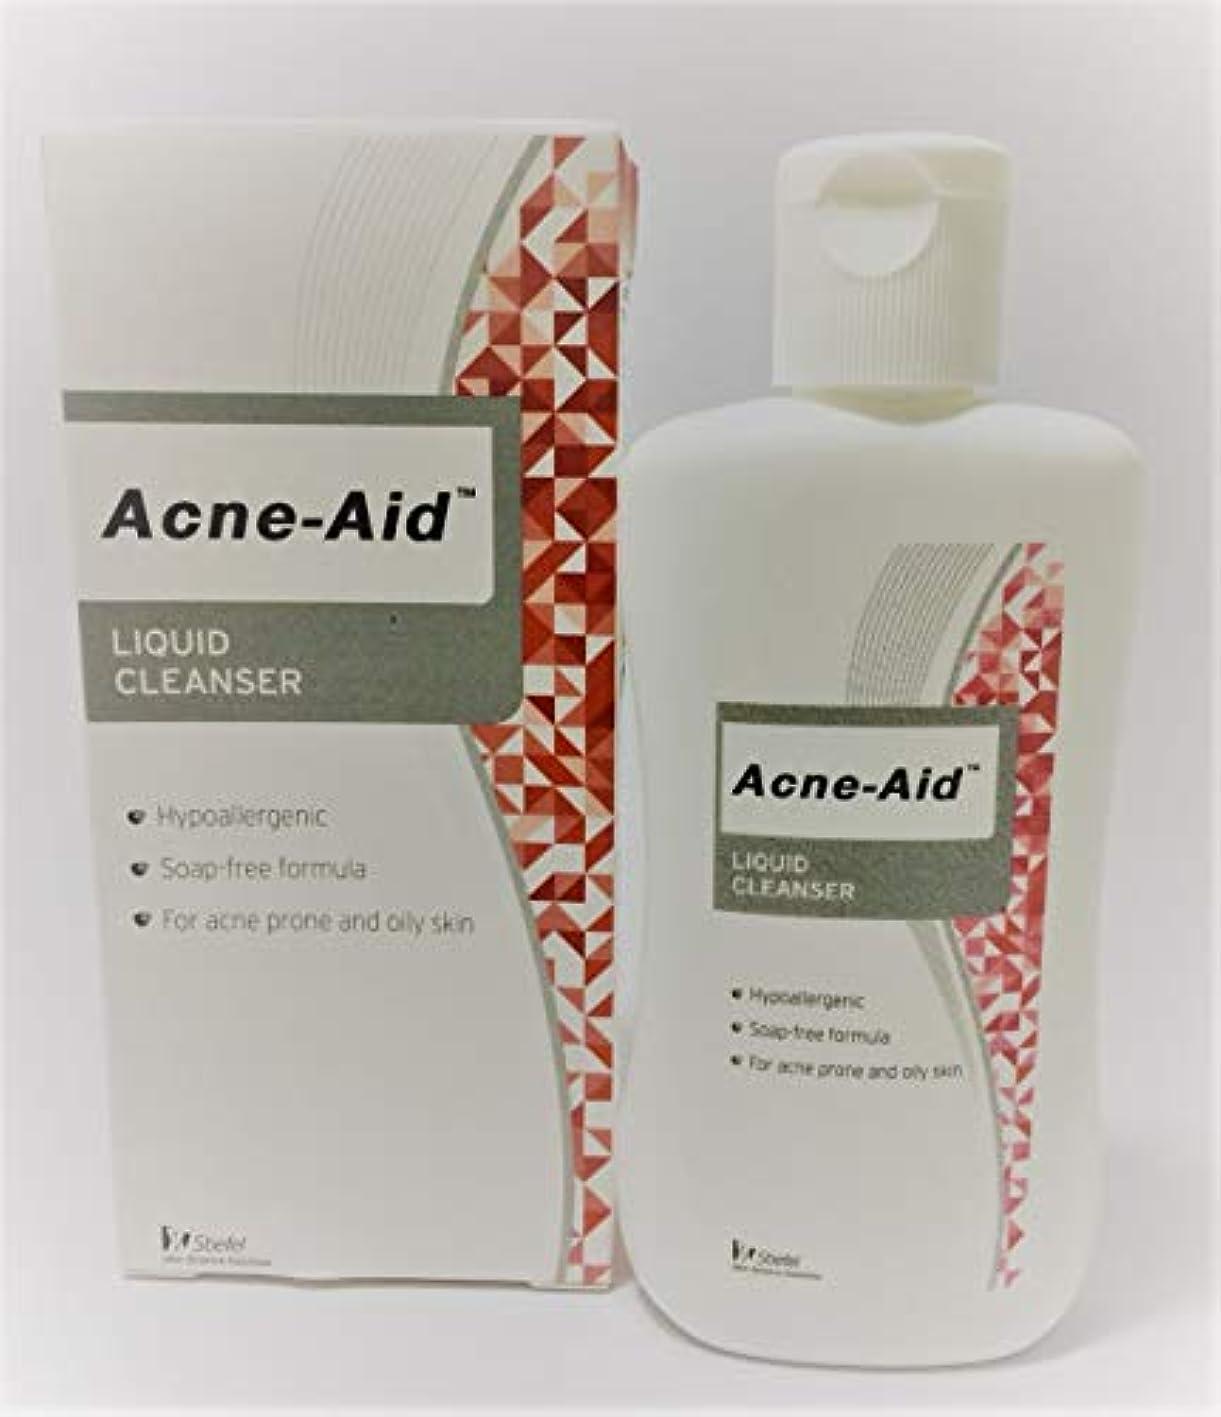 鉄すなわちイルAcne Aid液体クレンザー100 ml。(1 box)